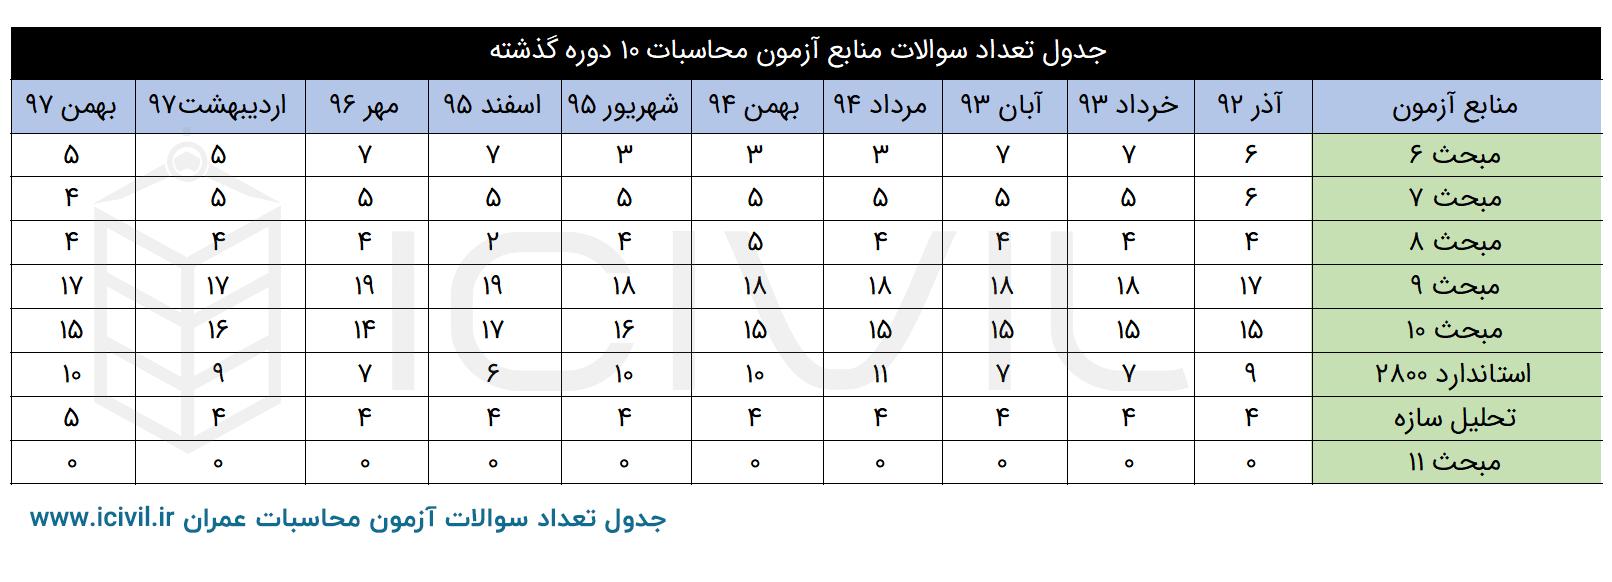 جدول بودجه بندی محاسبات عمران